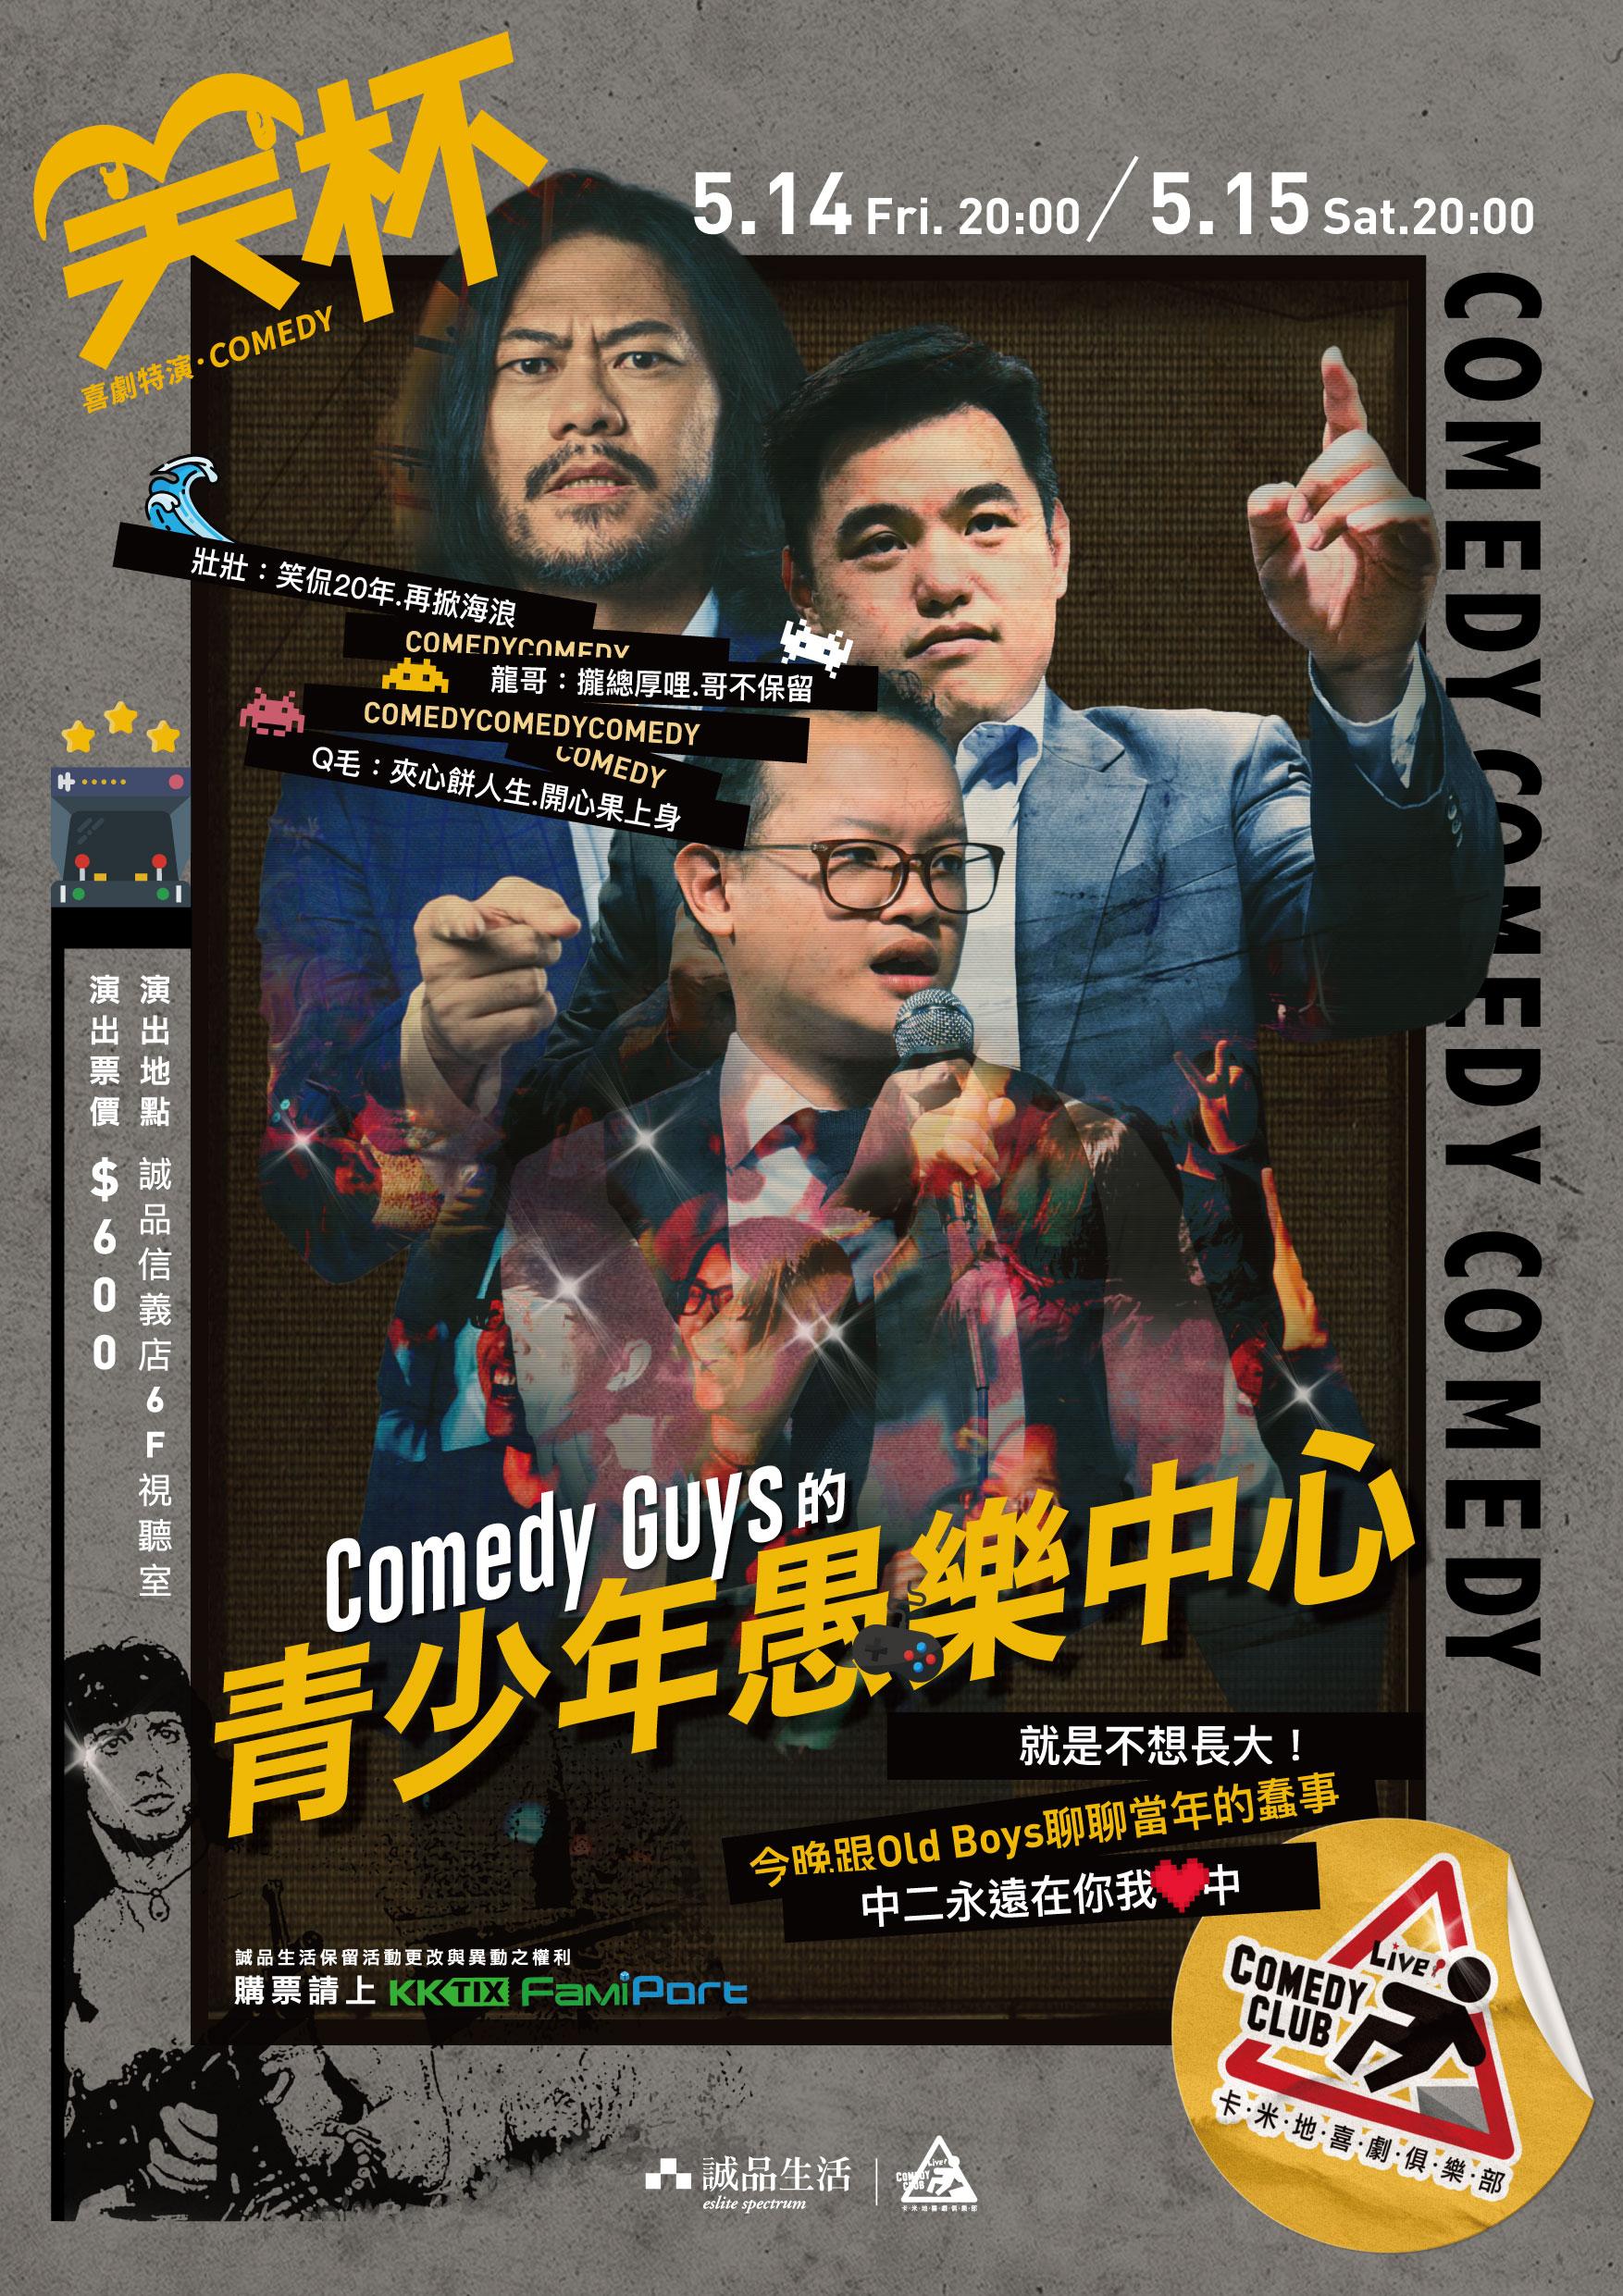 [延期]5/14-15 8pm 誠品.笑杯系列.Comedy Guys的青少年愚樂中心